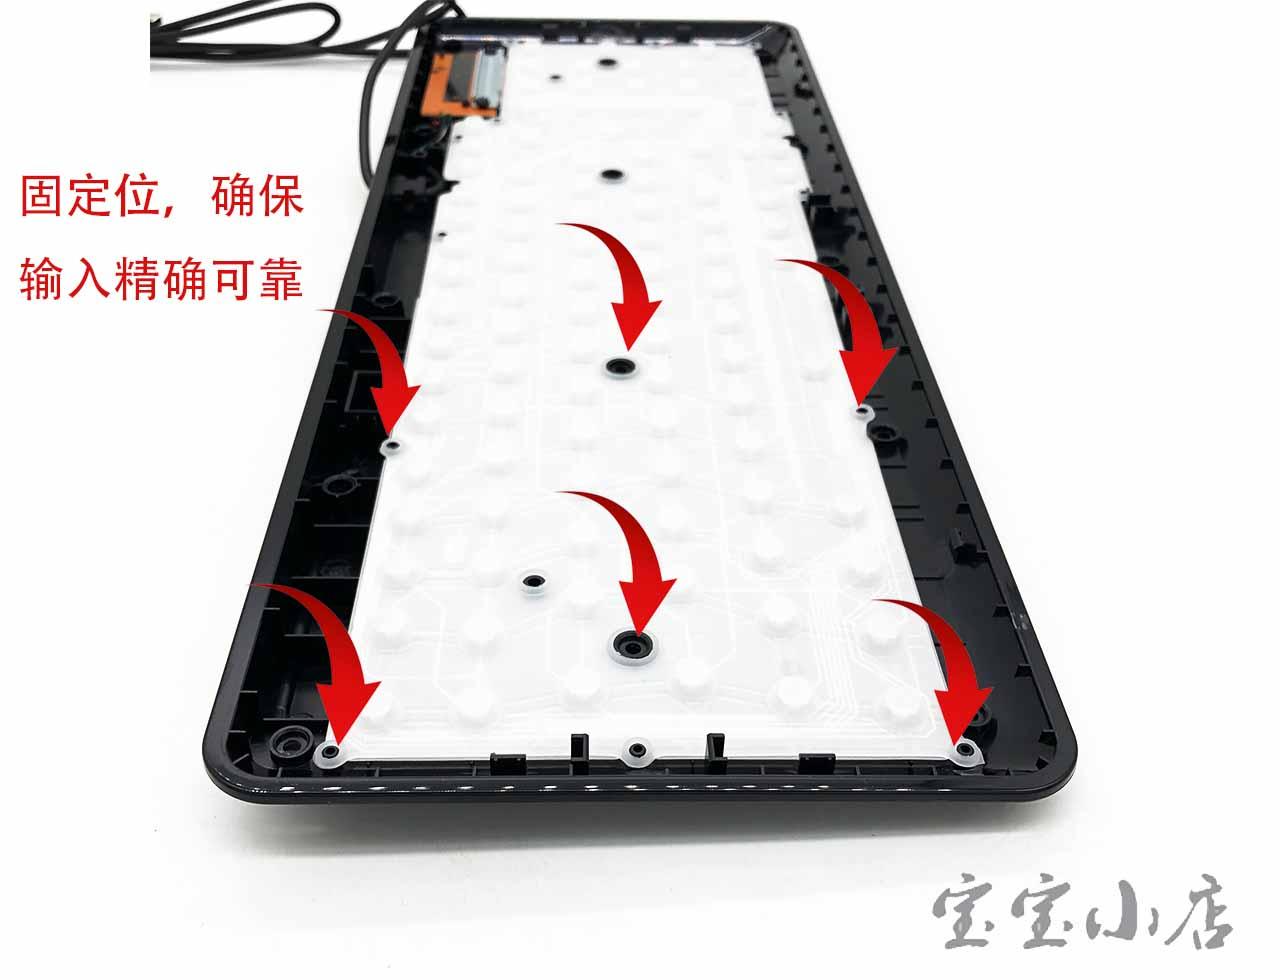 旭丽代工宏基ACER SK9662 SK9022A USB keyboard black巧克力静音键盘可拆卸水洗 游戏无声 商家二用